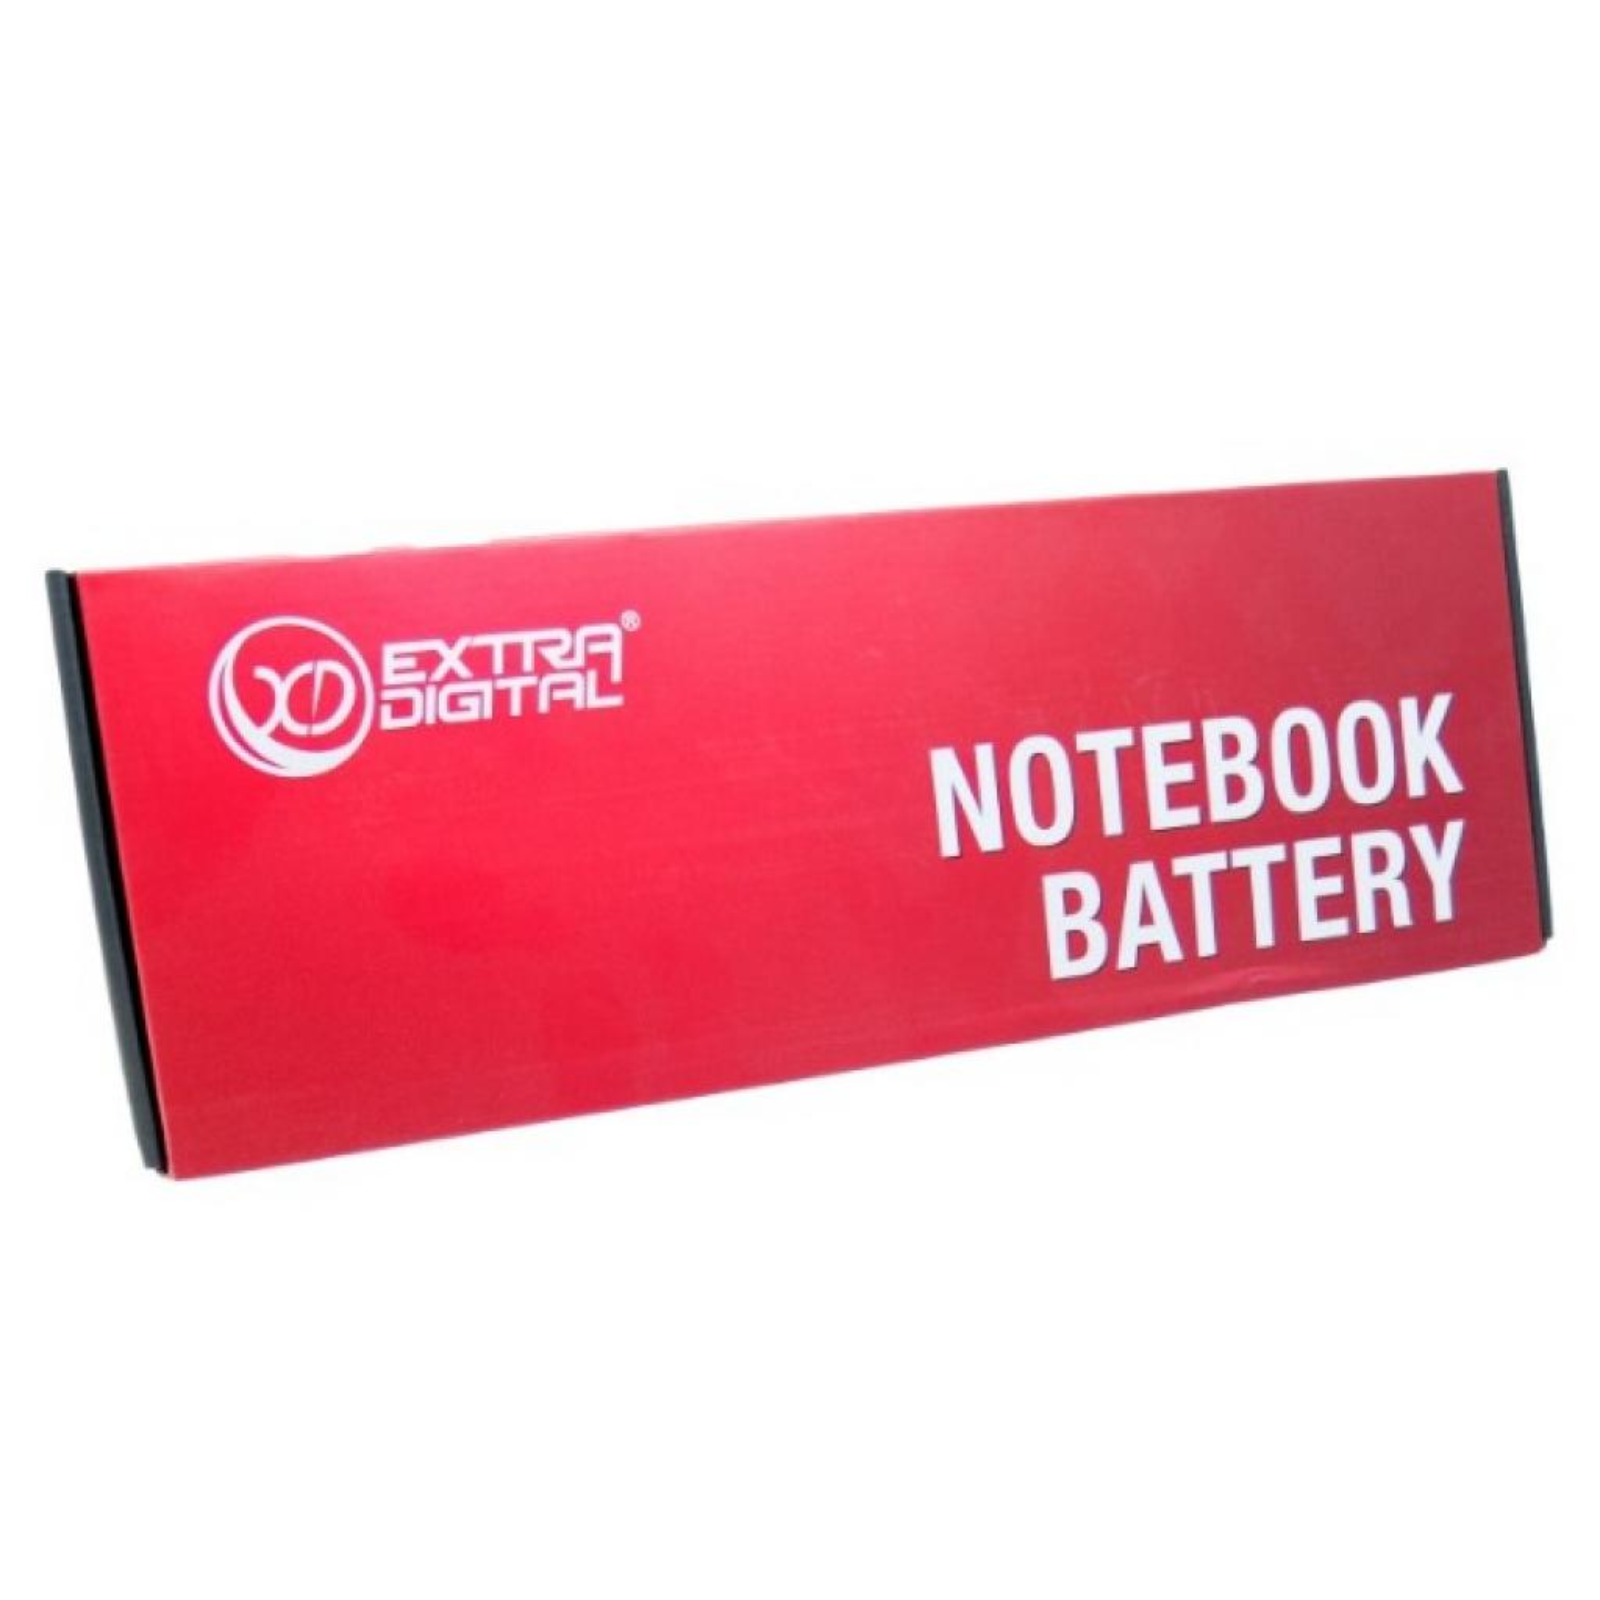 Аккумулятор для ноутбука Acer Aspire V5 (AL12A32) 14.8V, 2600mAh Extradigital (BNA4002) изображение 4